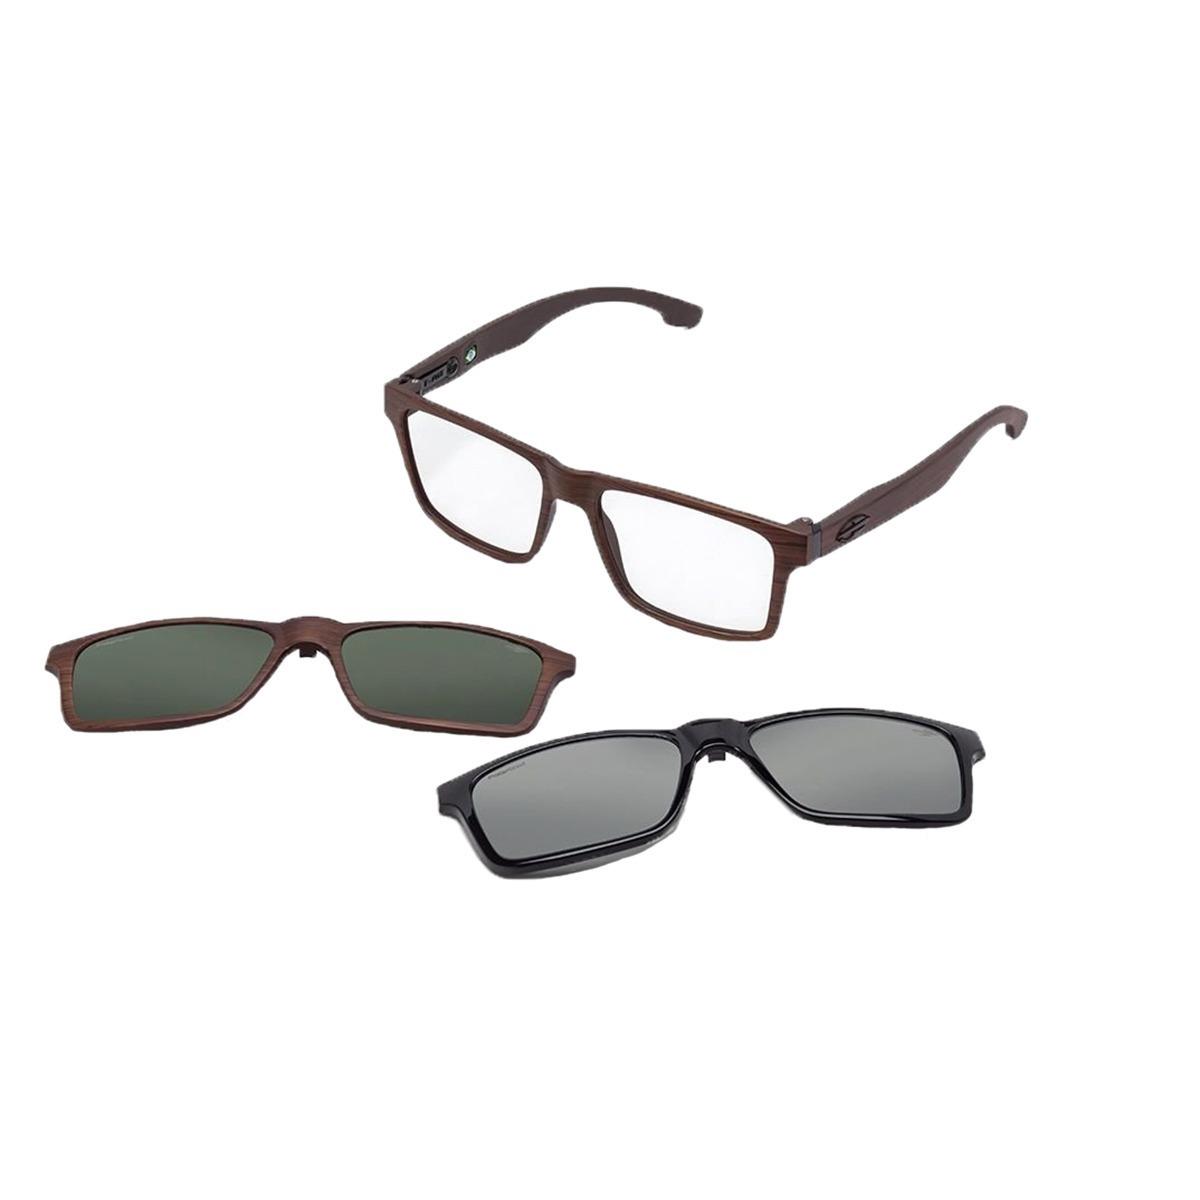 Armação Oculos Grau Mormaii Receituario Swap Original - R  260,00 em ... 63c5ff9d29